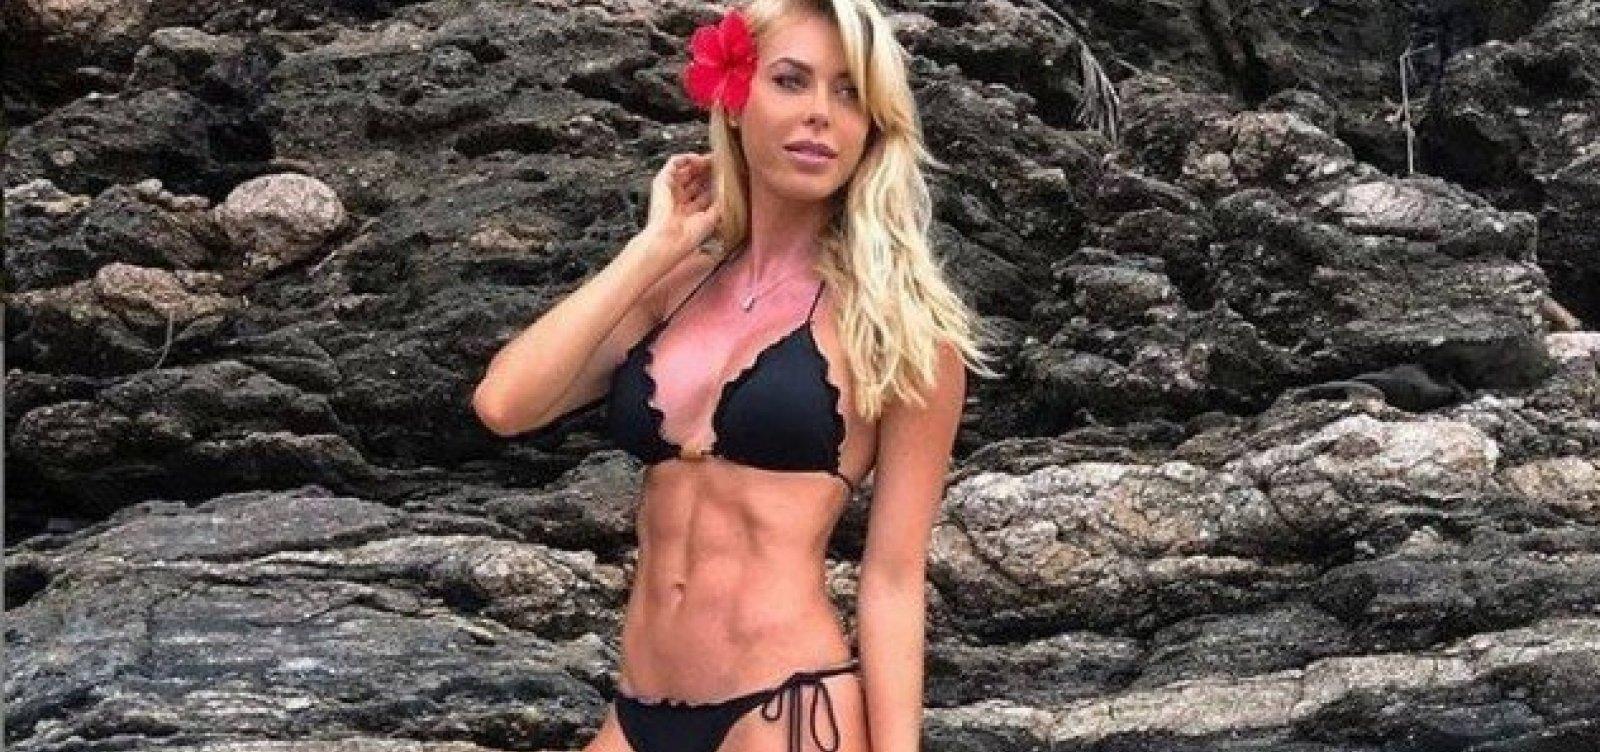 [Corpo da modelo Caroline Bittencourt é encontrado]